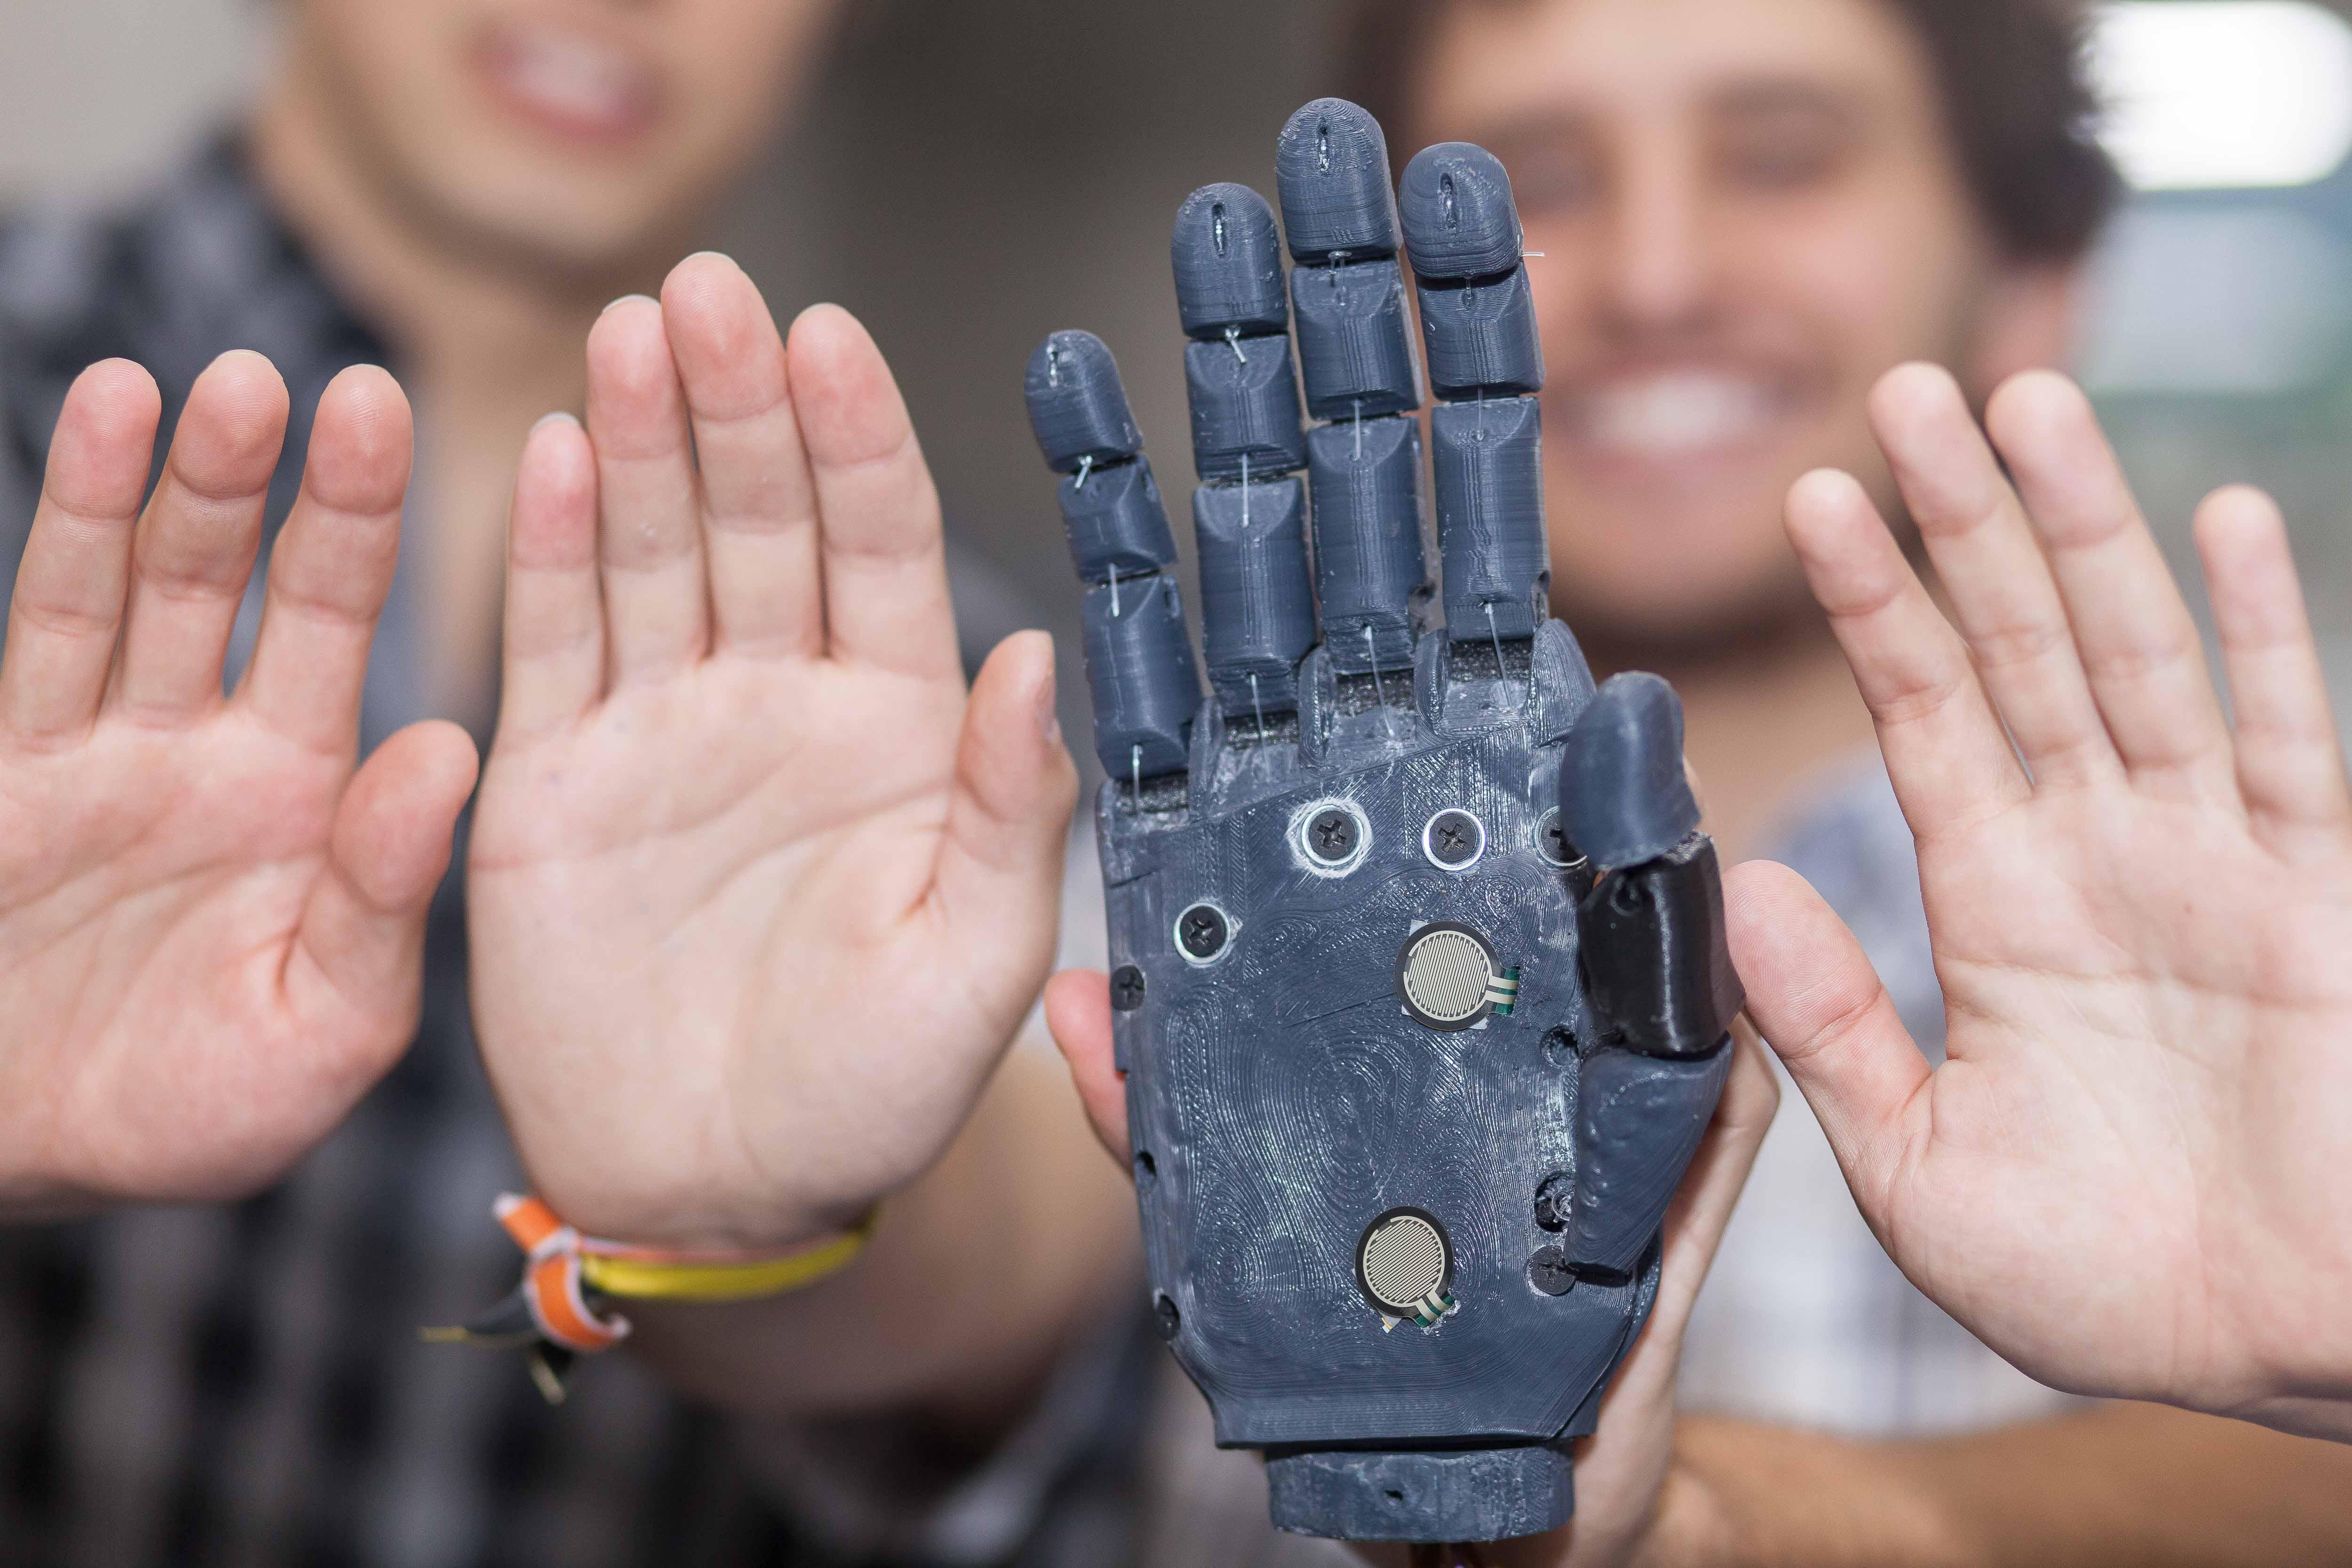 Futuros ingenieros chilenos fabrican la primera mano robótica impresa en 3D del país